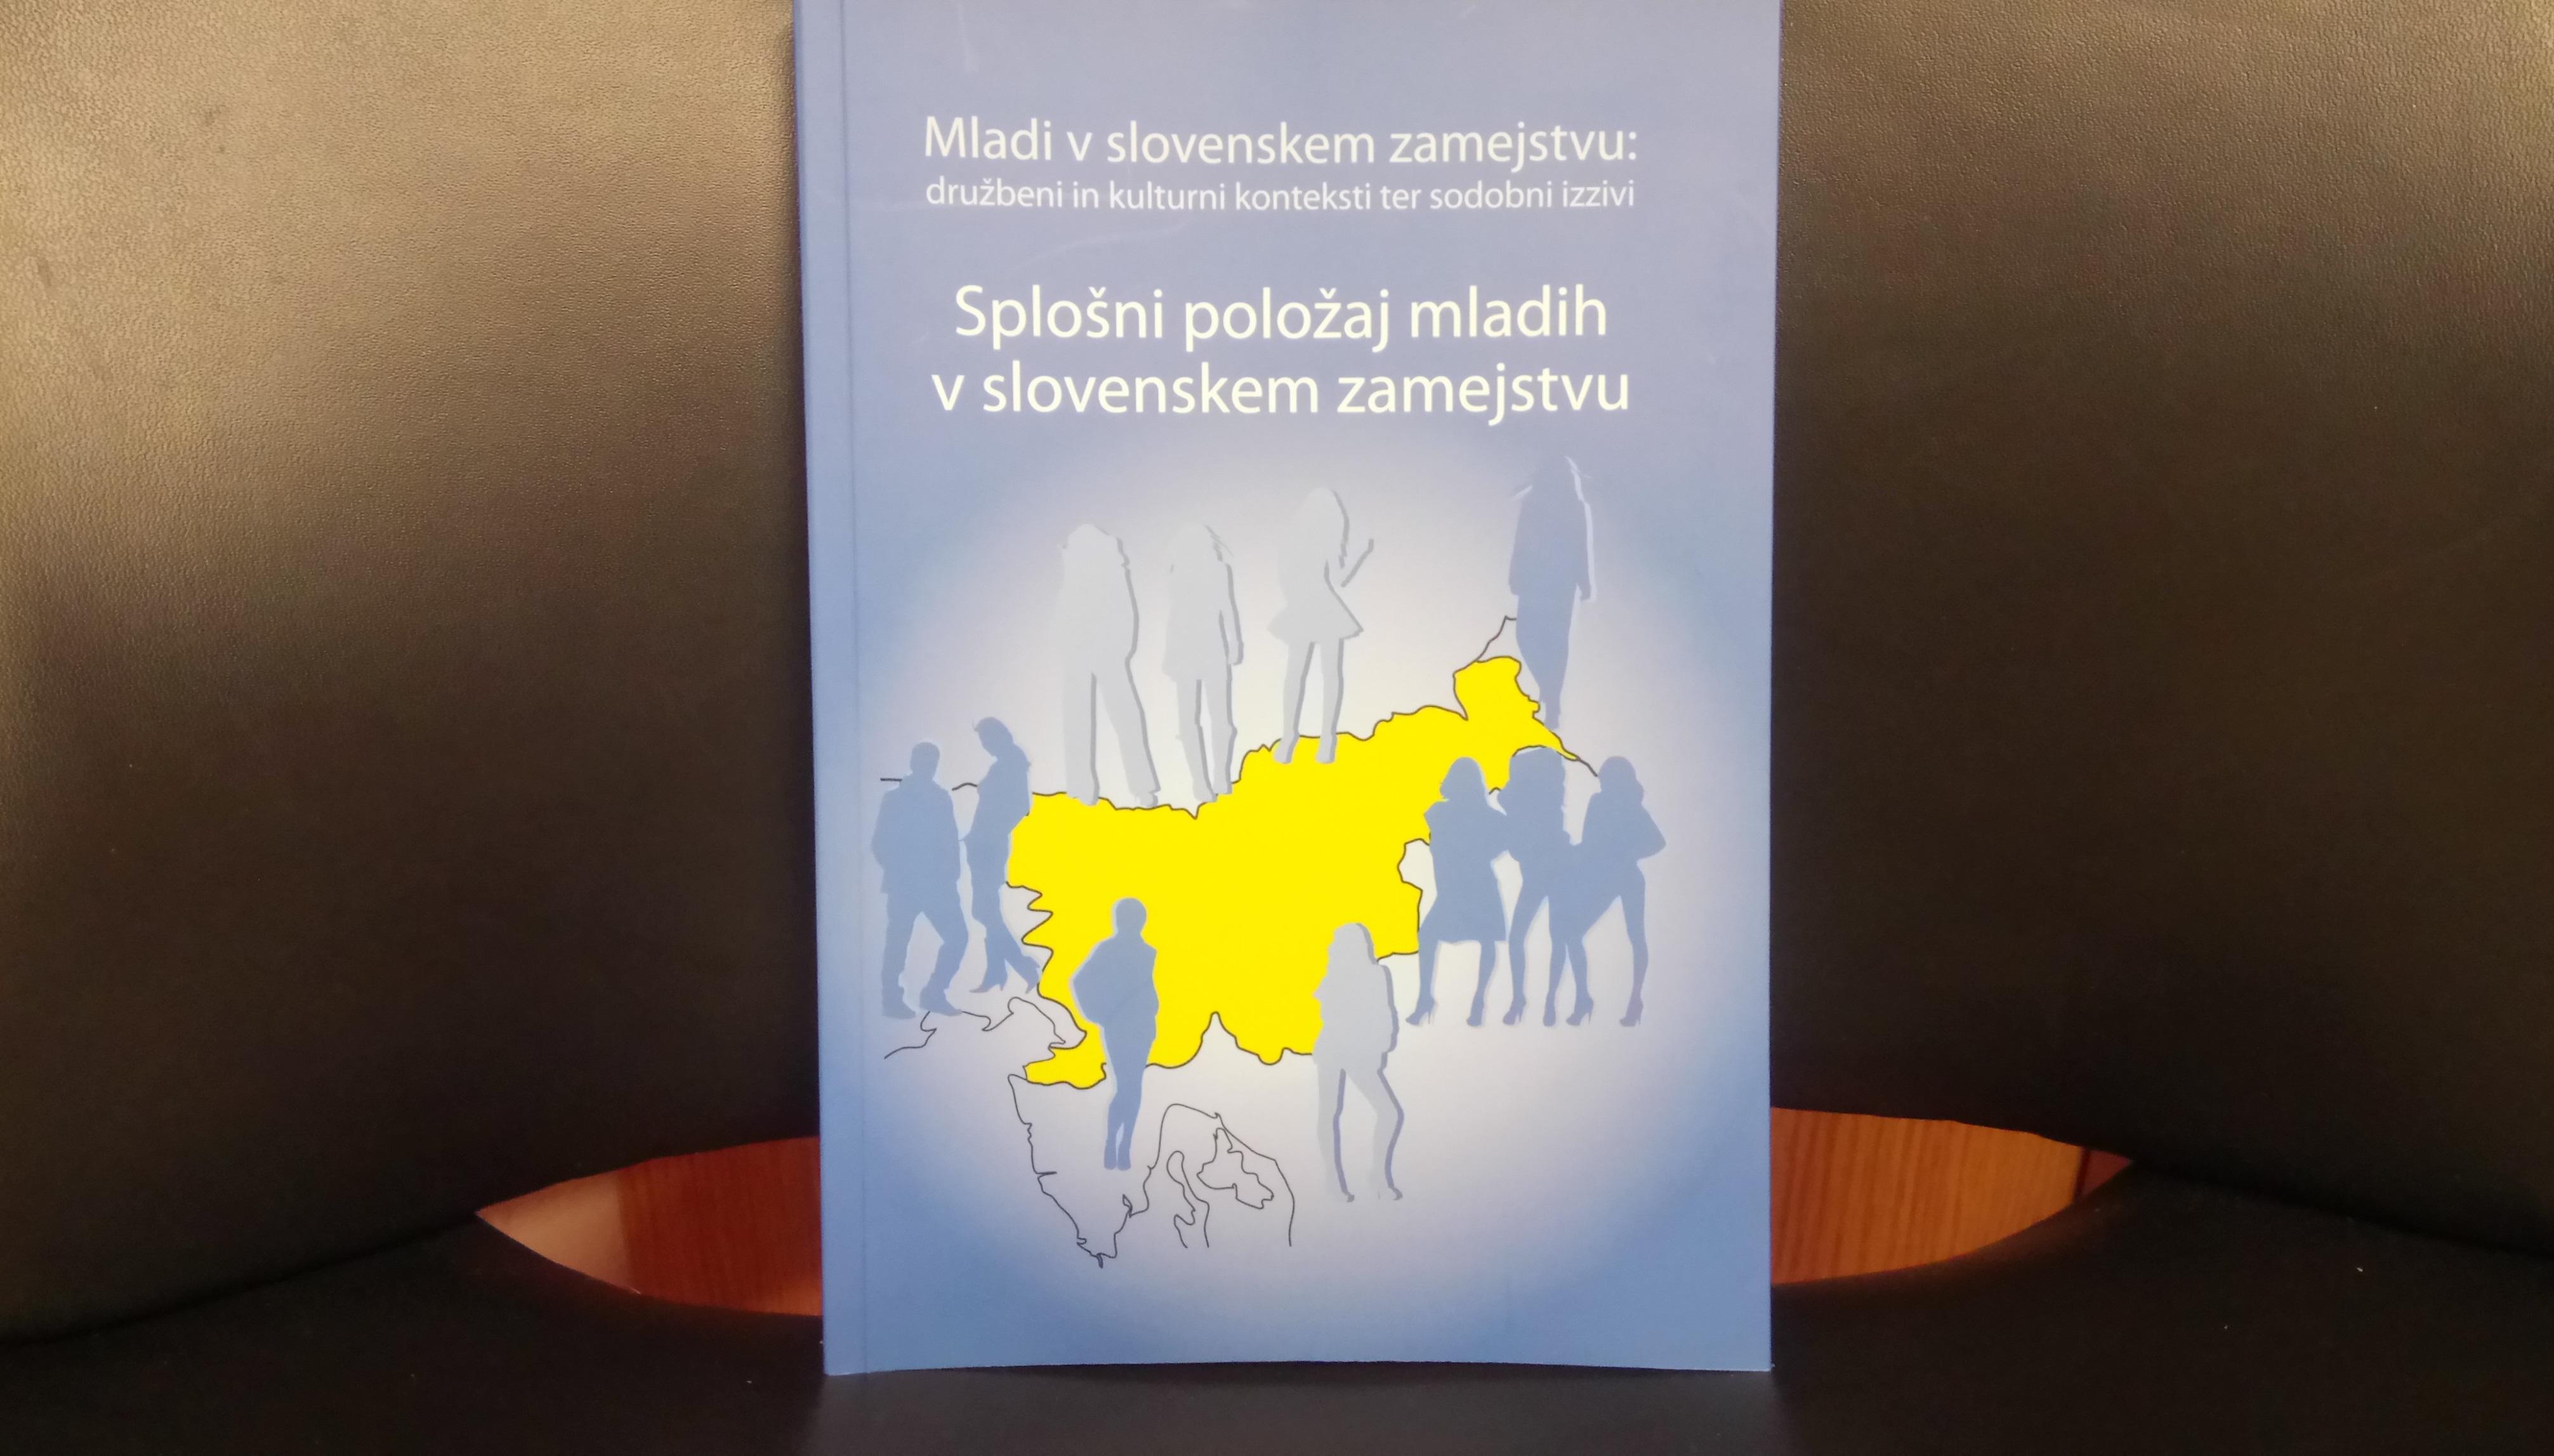 Pogovor o monografiji Splošni položaj mladih v slovenskem zamejstvu